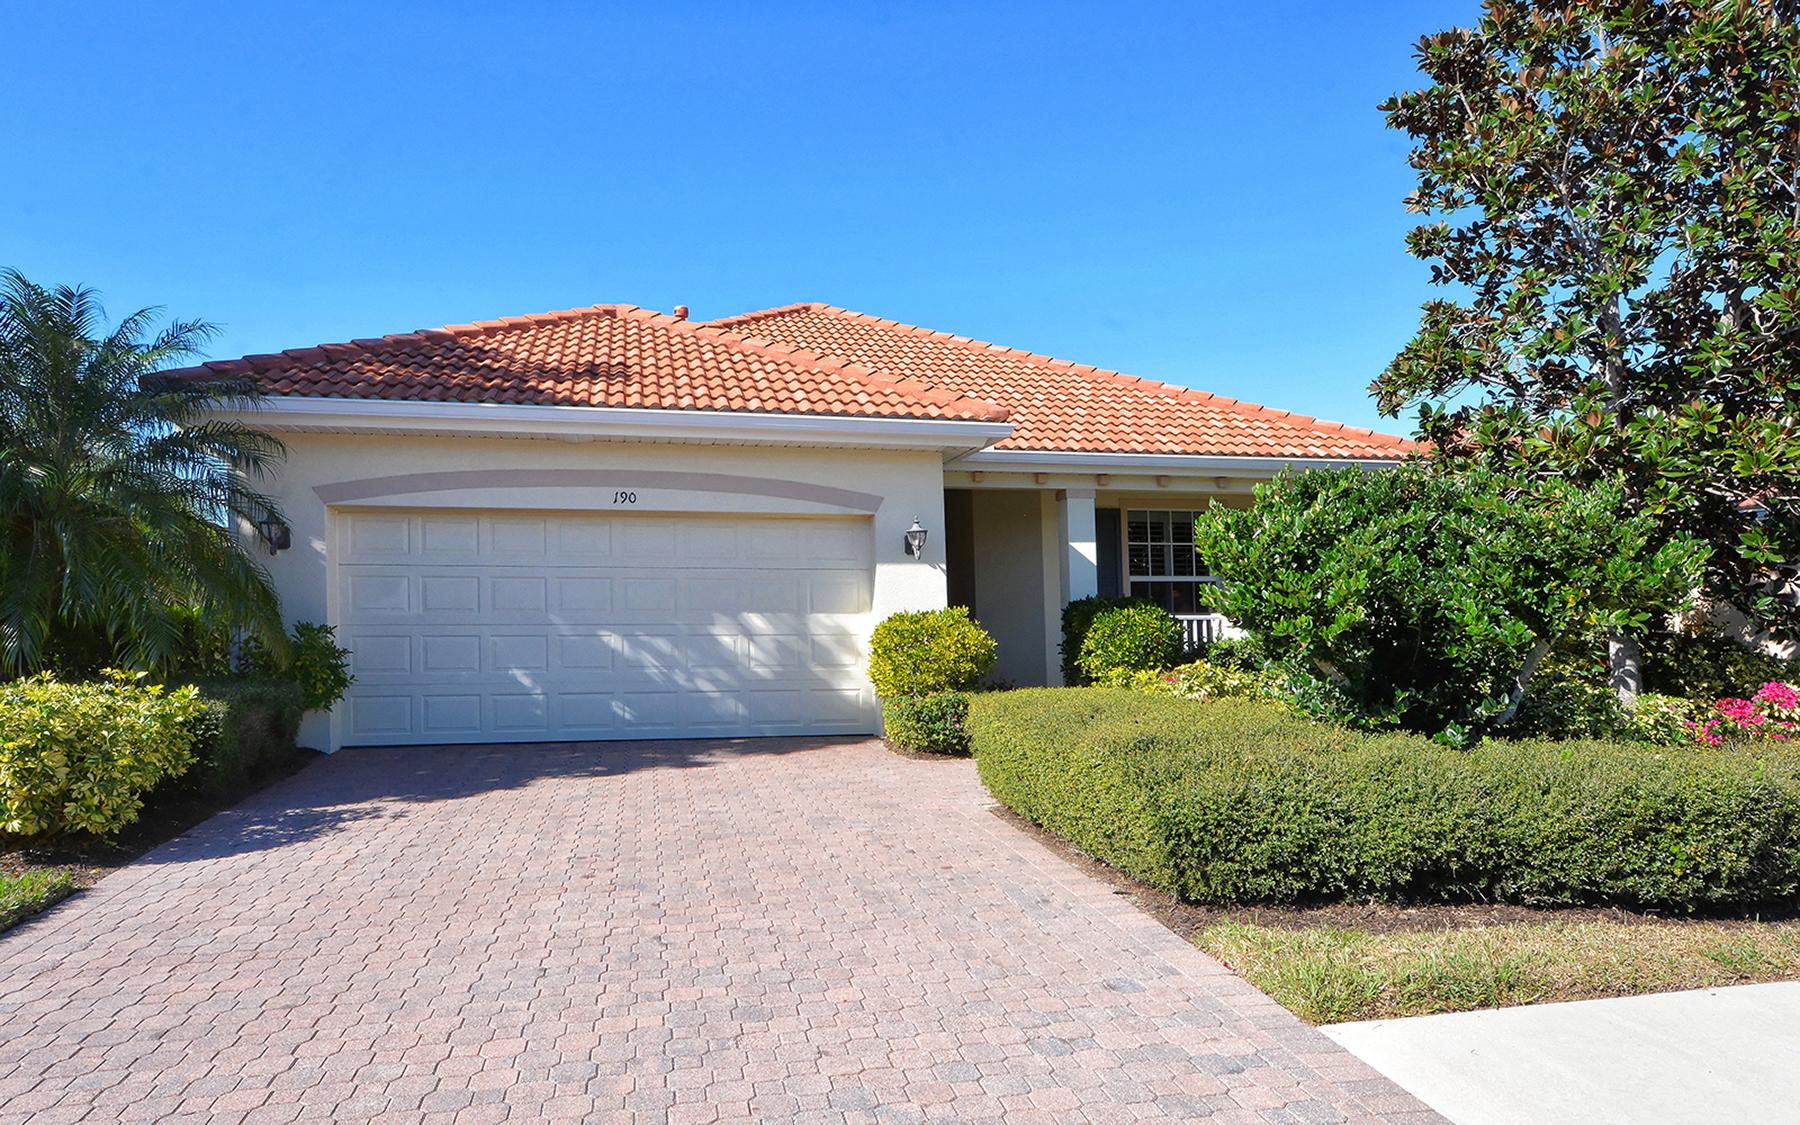 Casa para uma família para Venda às VENETIAN GOLF & RIVER CLUB 190 Treviso Ct North Venice, Florida, 34275 Estados Unidos